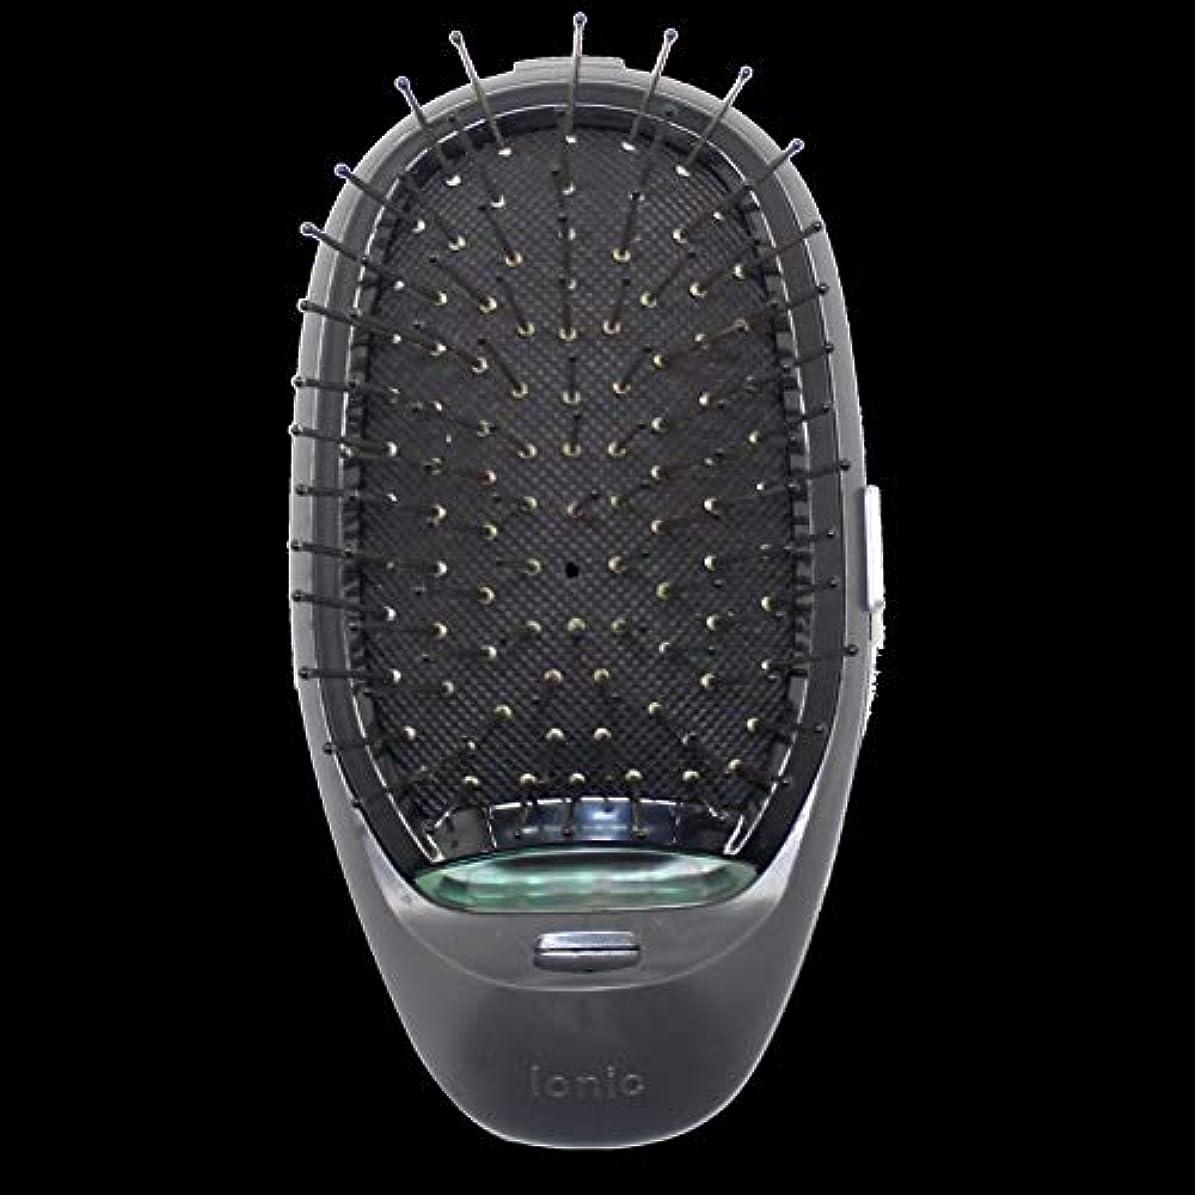 品特別なクレデンシャル電動マッサージヘアブラシミニマイナスイオンヘアコム3Dインフレータブルコーム帯電防止ガールズヘアブラシ電池式 - ブラック